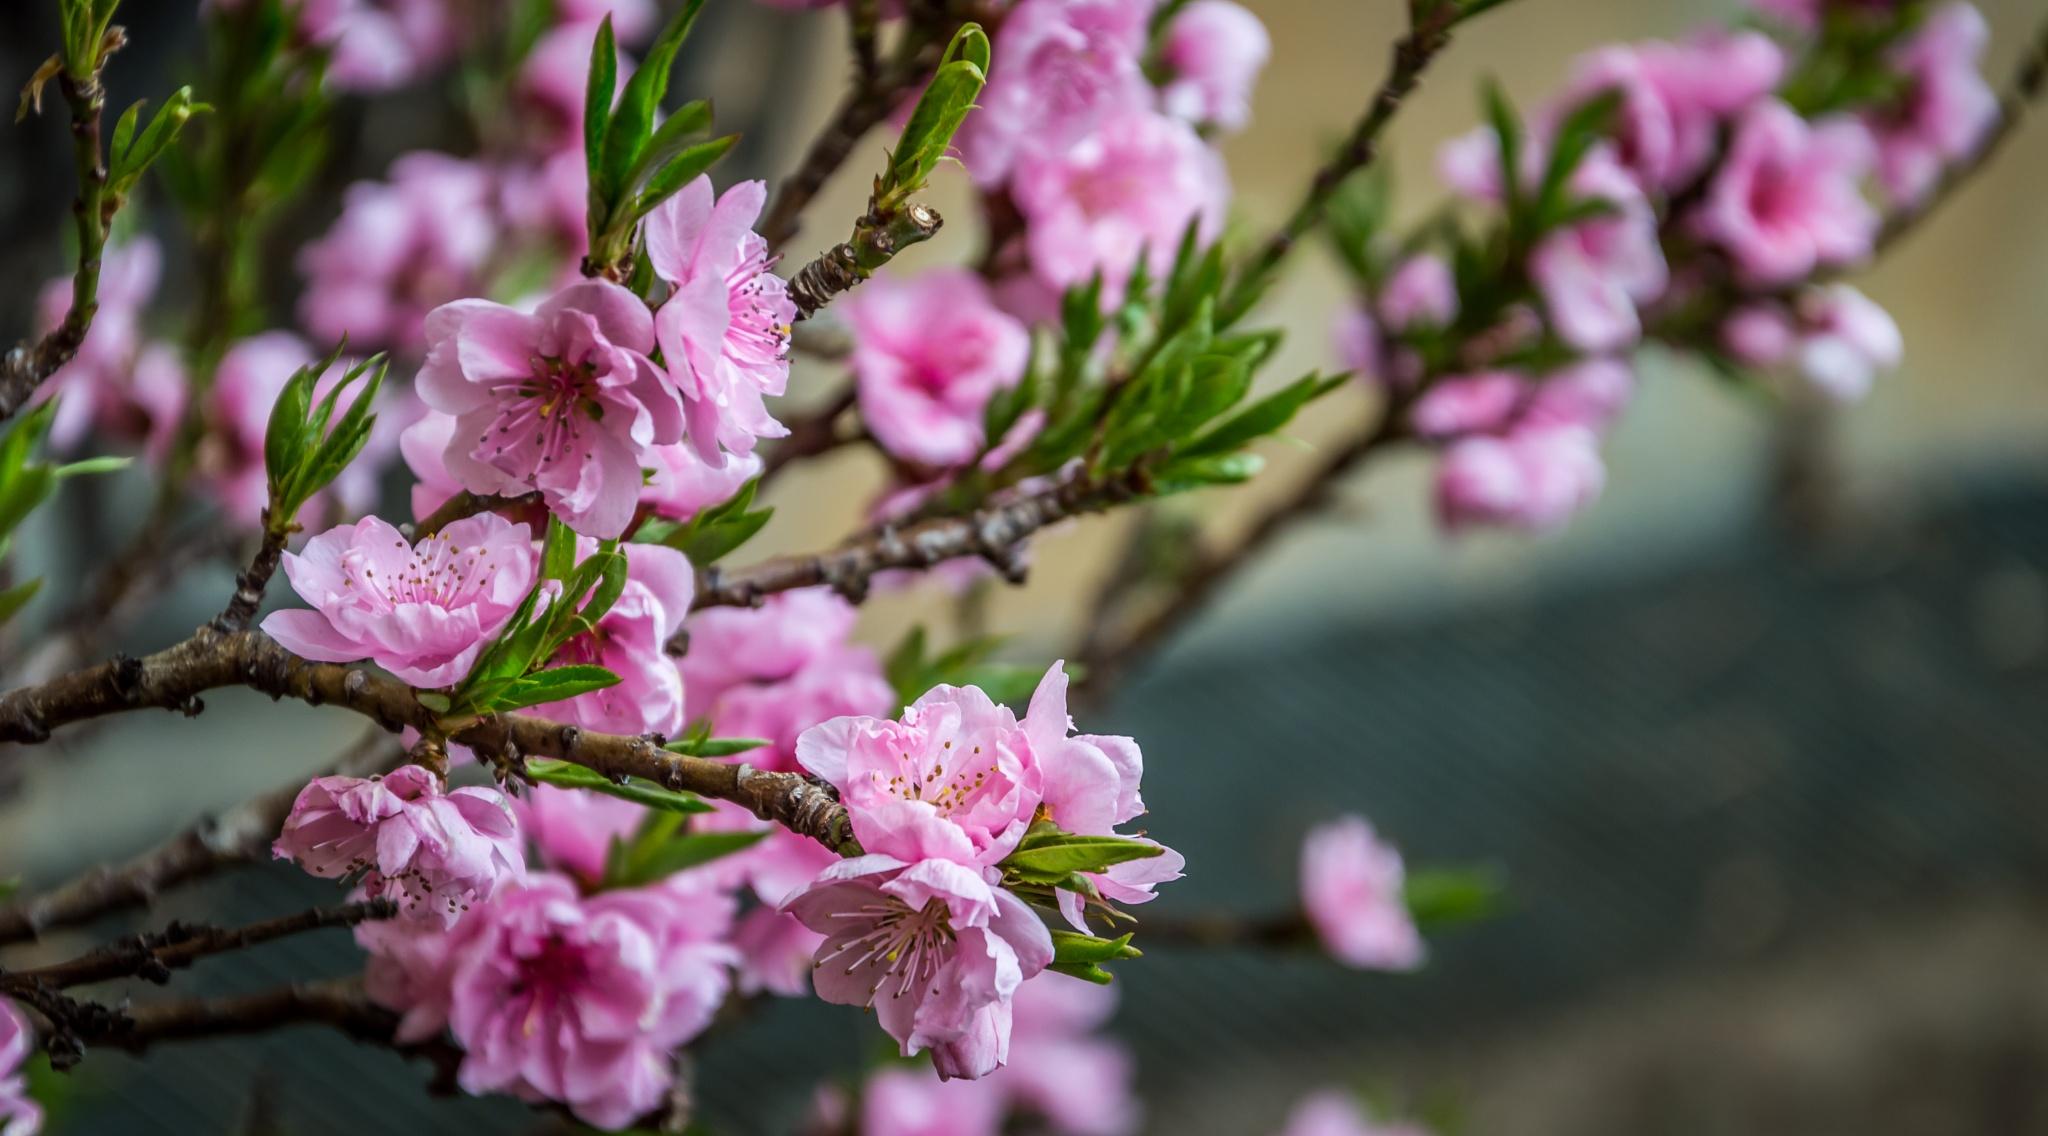 Peach flowers by gennaro.riccio